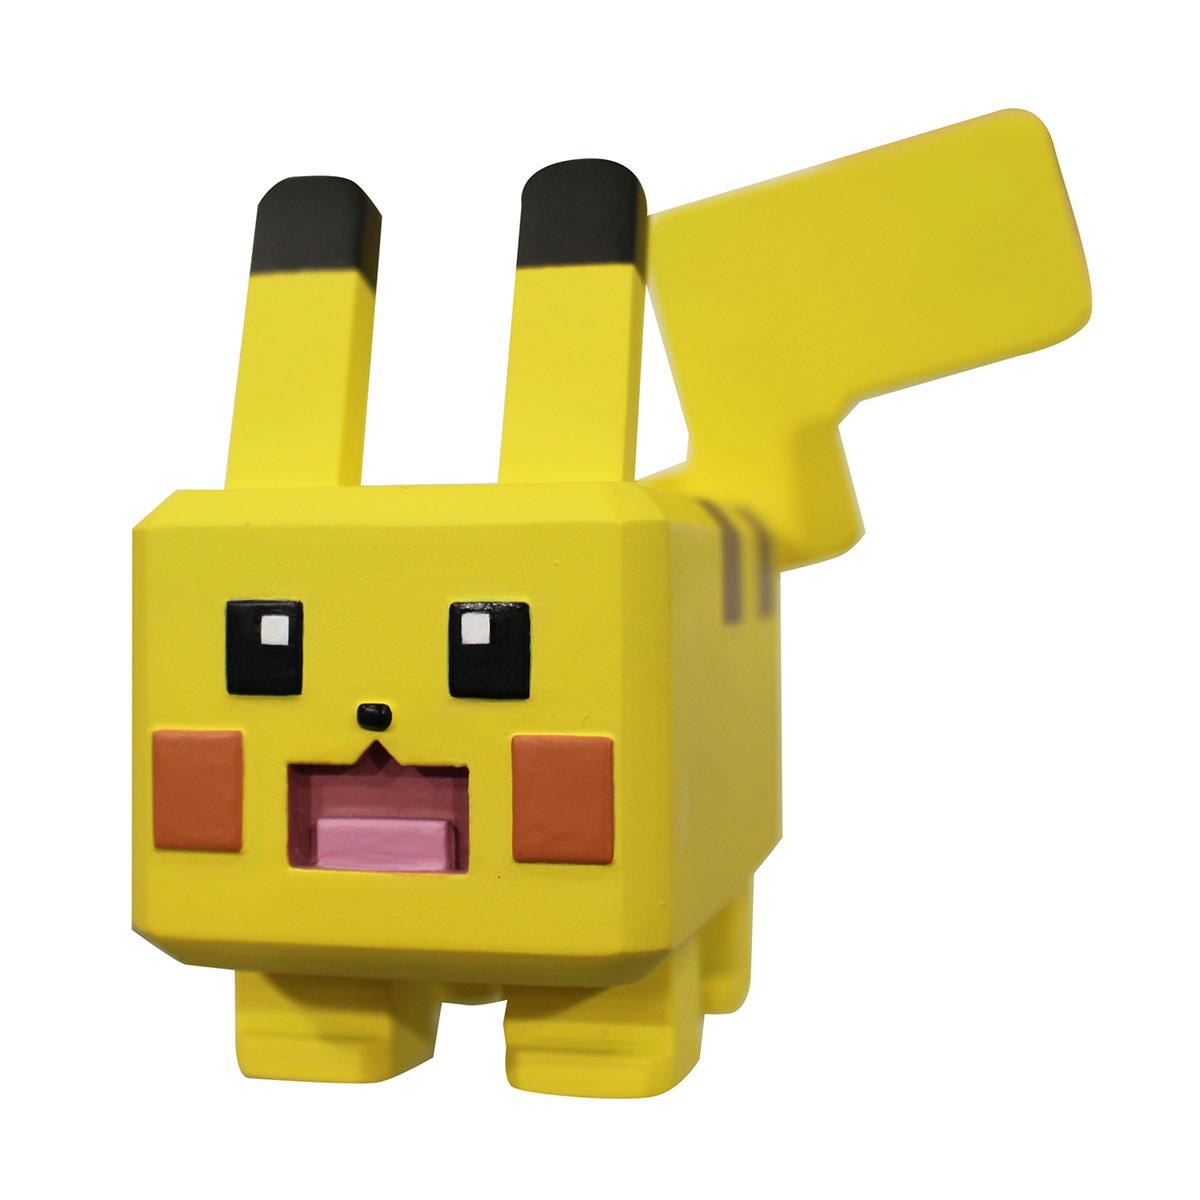 Cómo conseguir a Pikachu